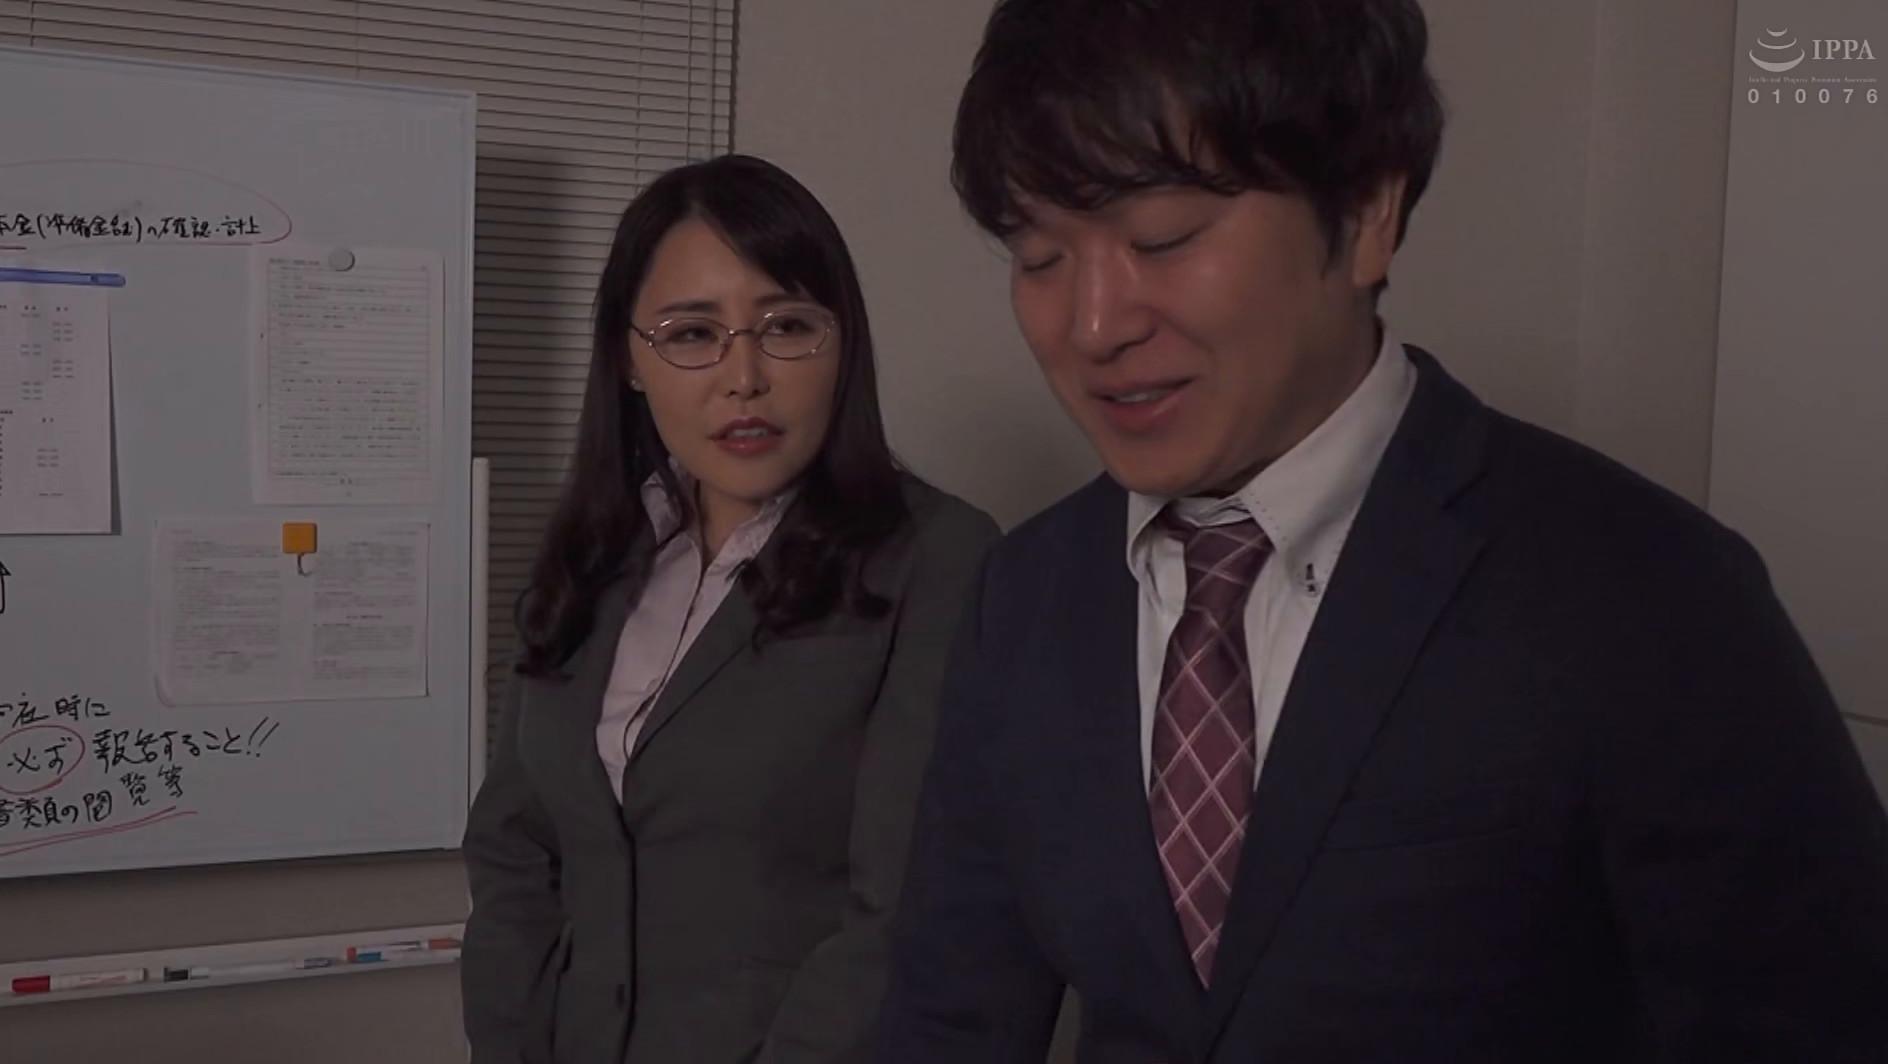 憧れの女上司と 純岡美乃理 画像4